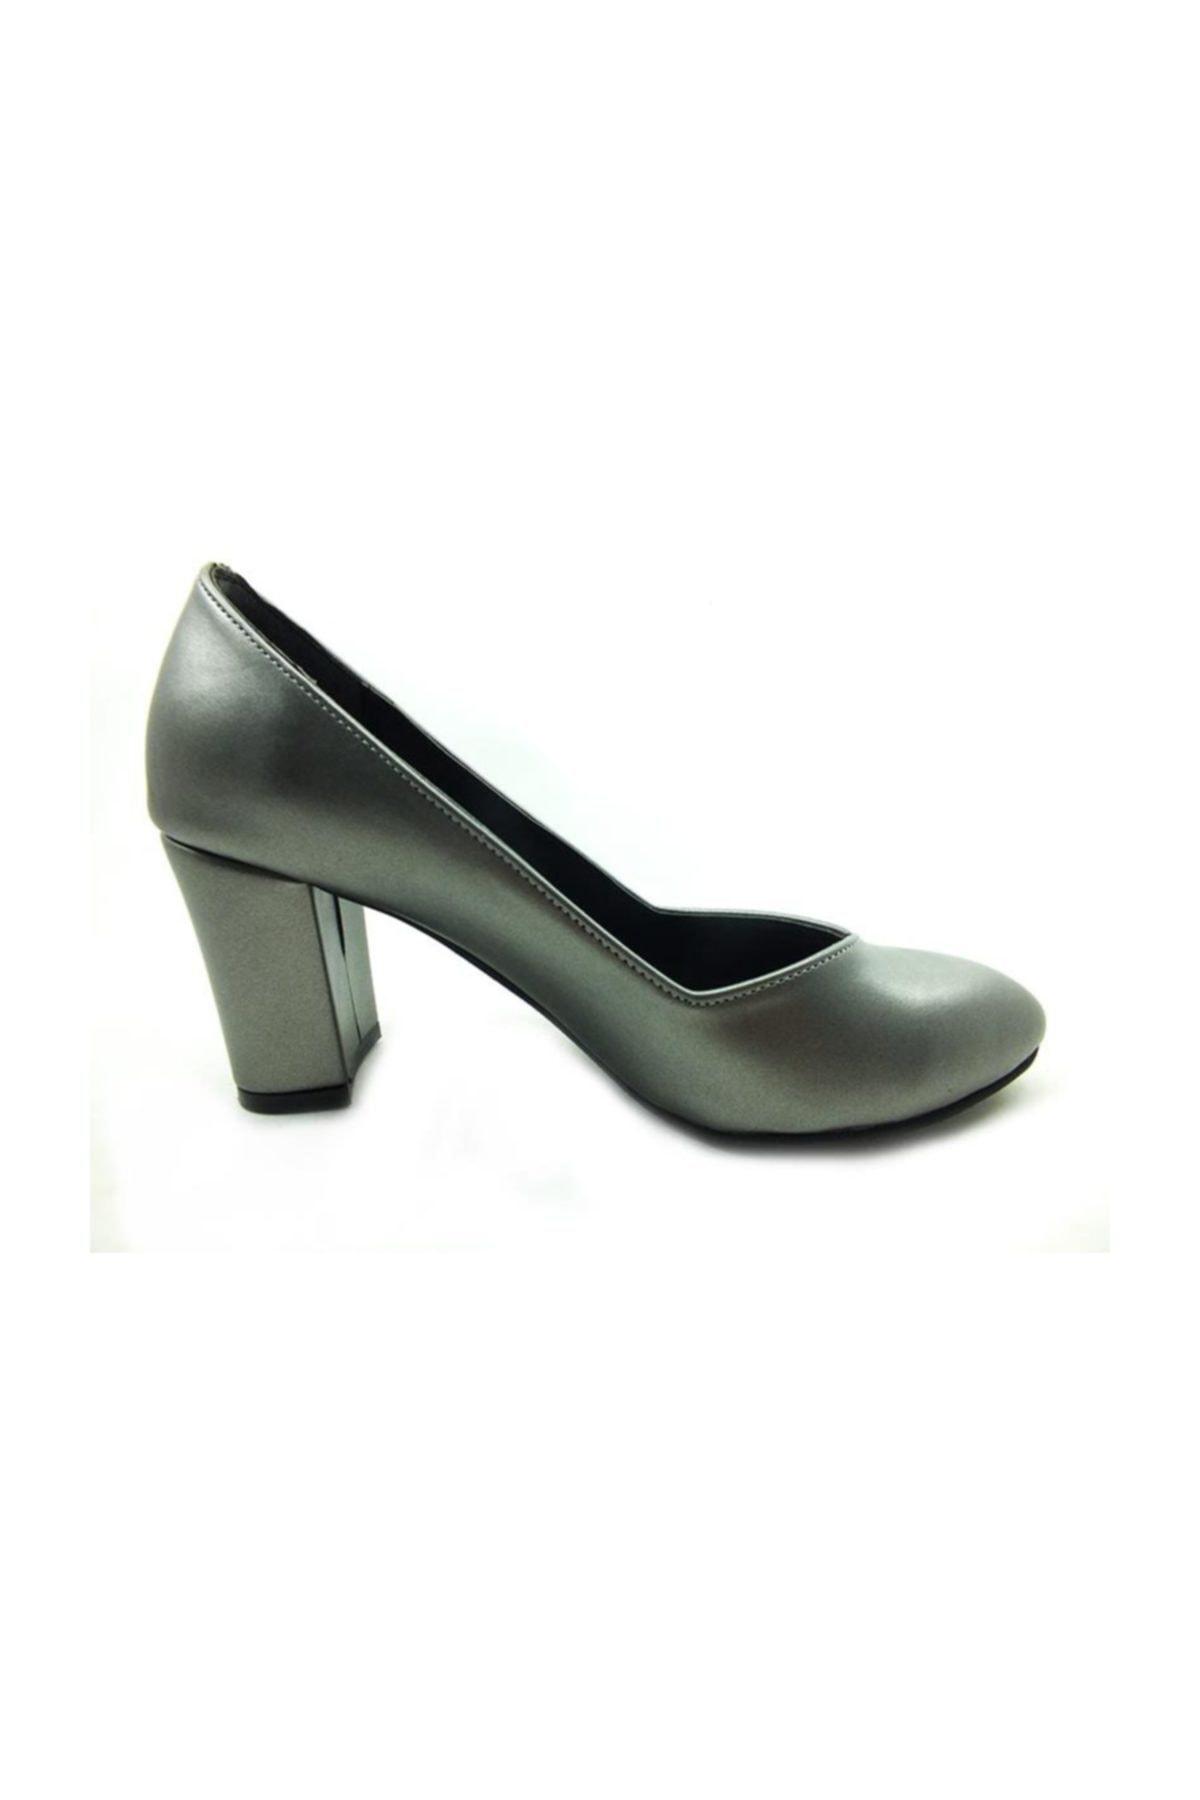 Çarıkçım Topuklu Ayakkabı - Platin - 205 1